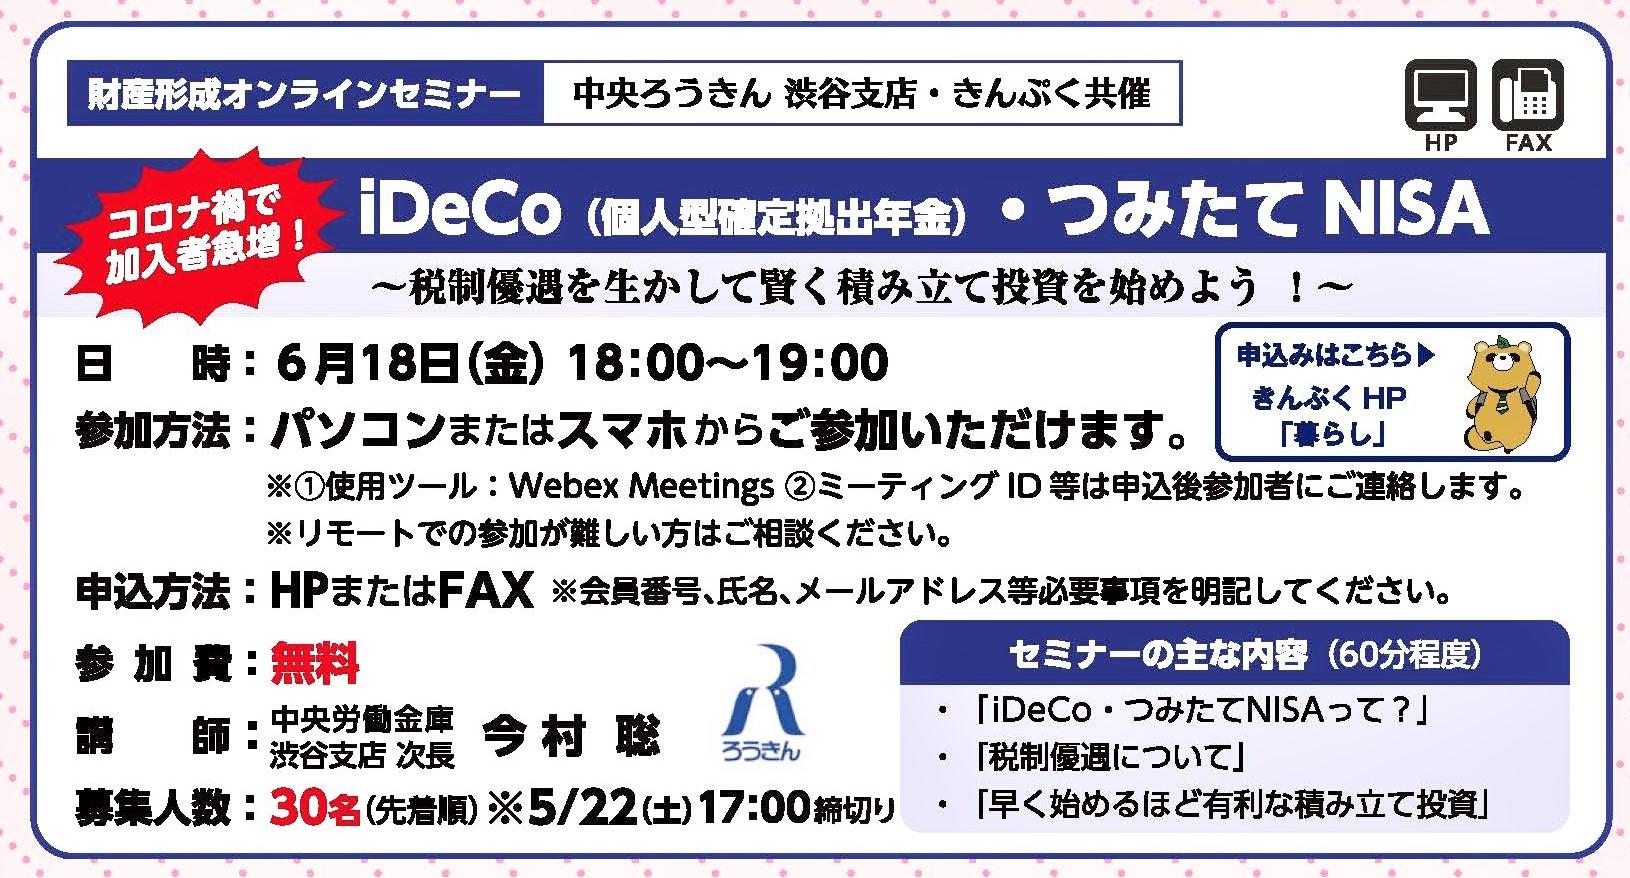 参加者募集中!iDeco(イデコ)・つみたてNISAリモートセミナー